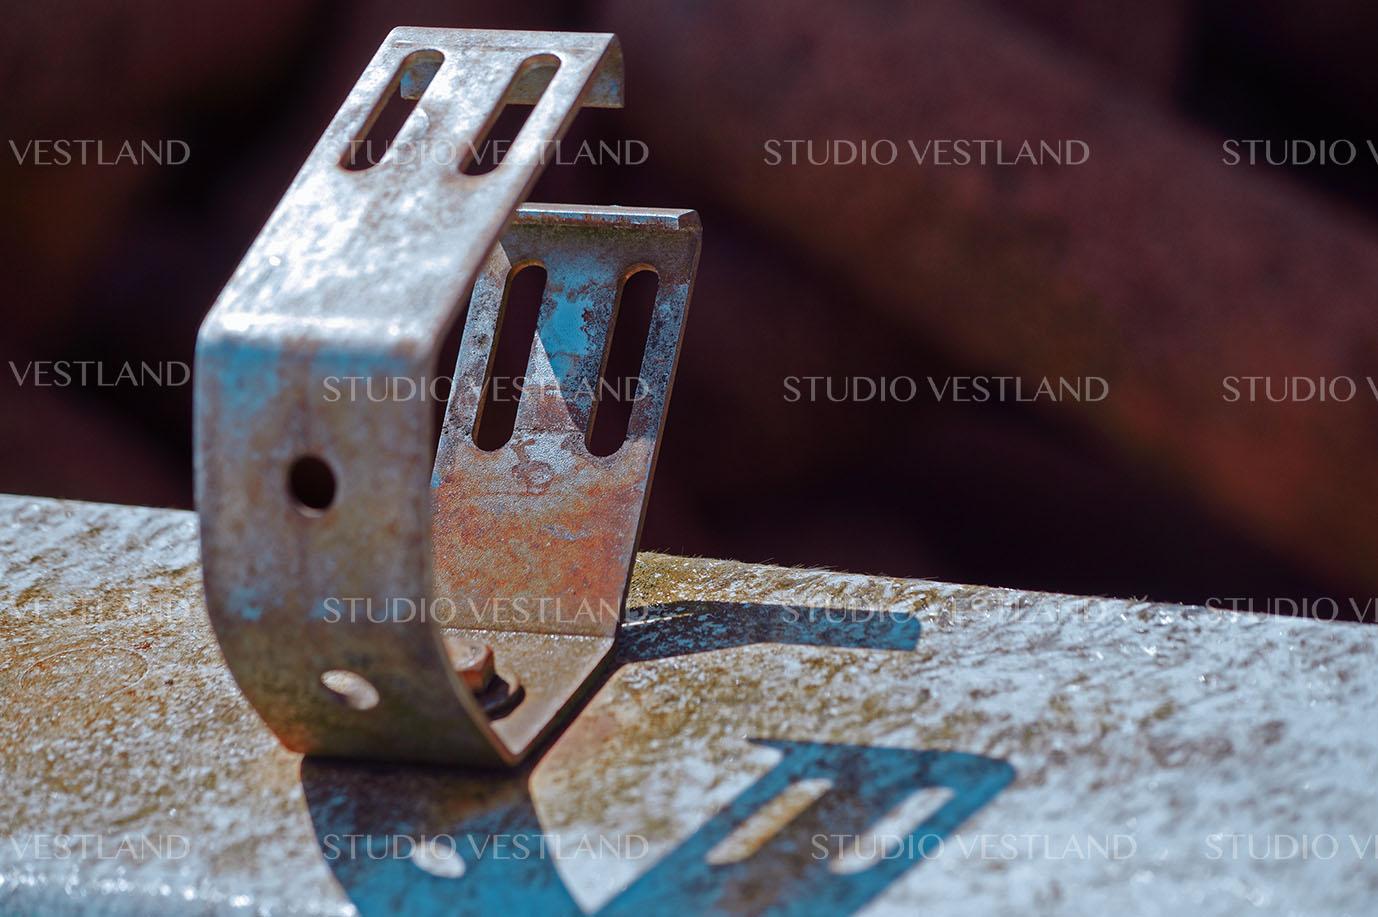 Studio Vestland - Klemme 01